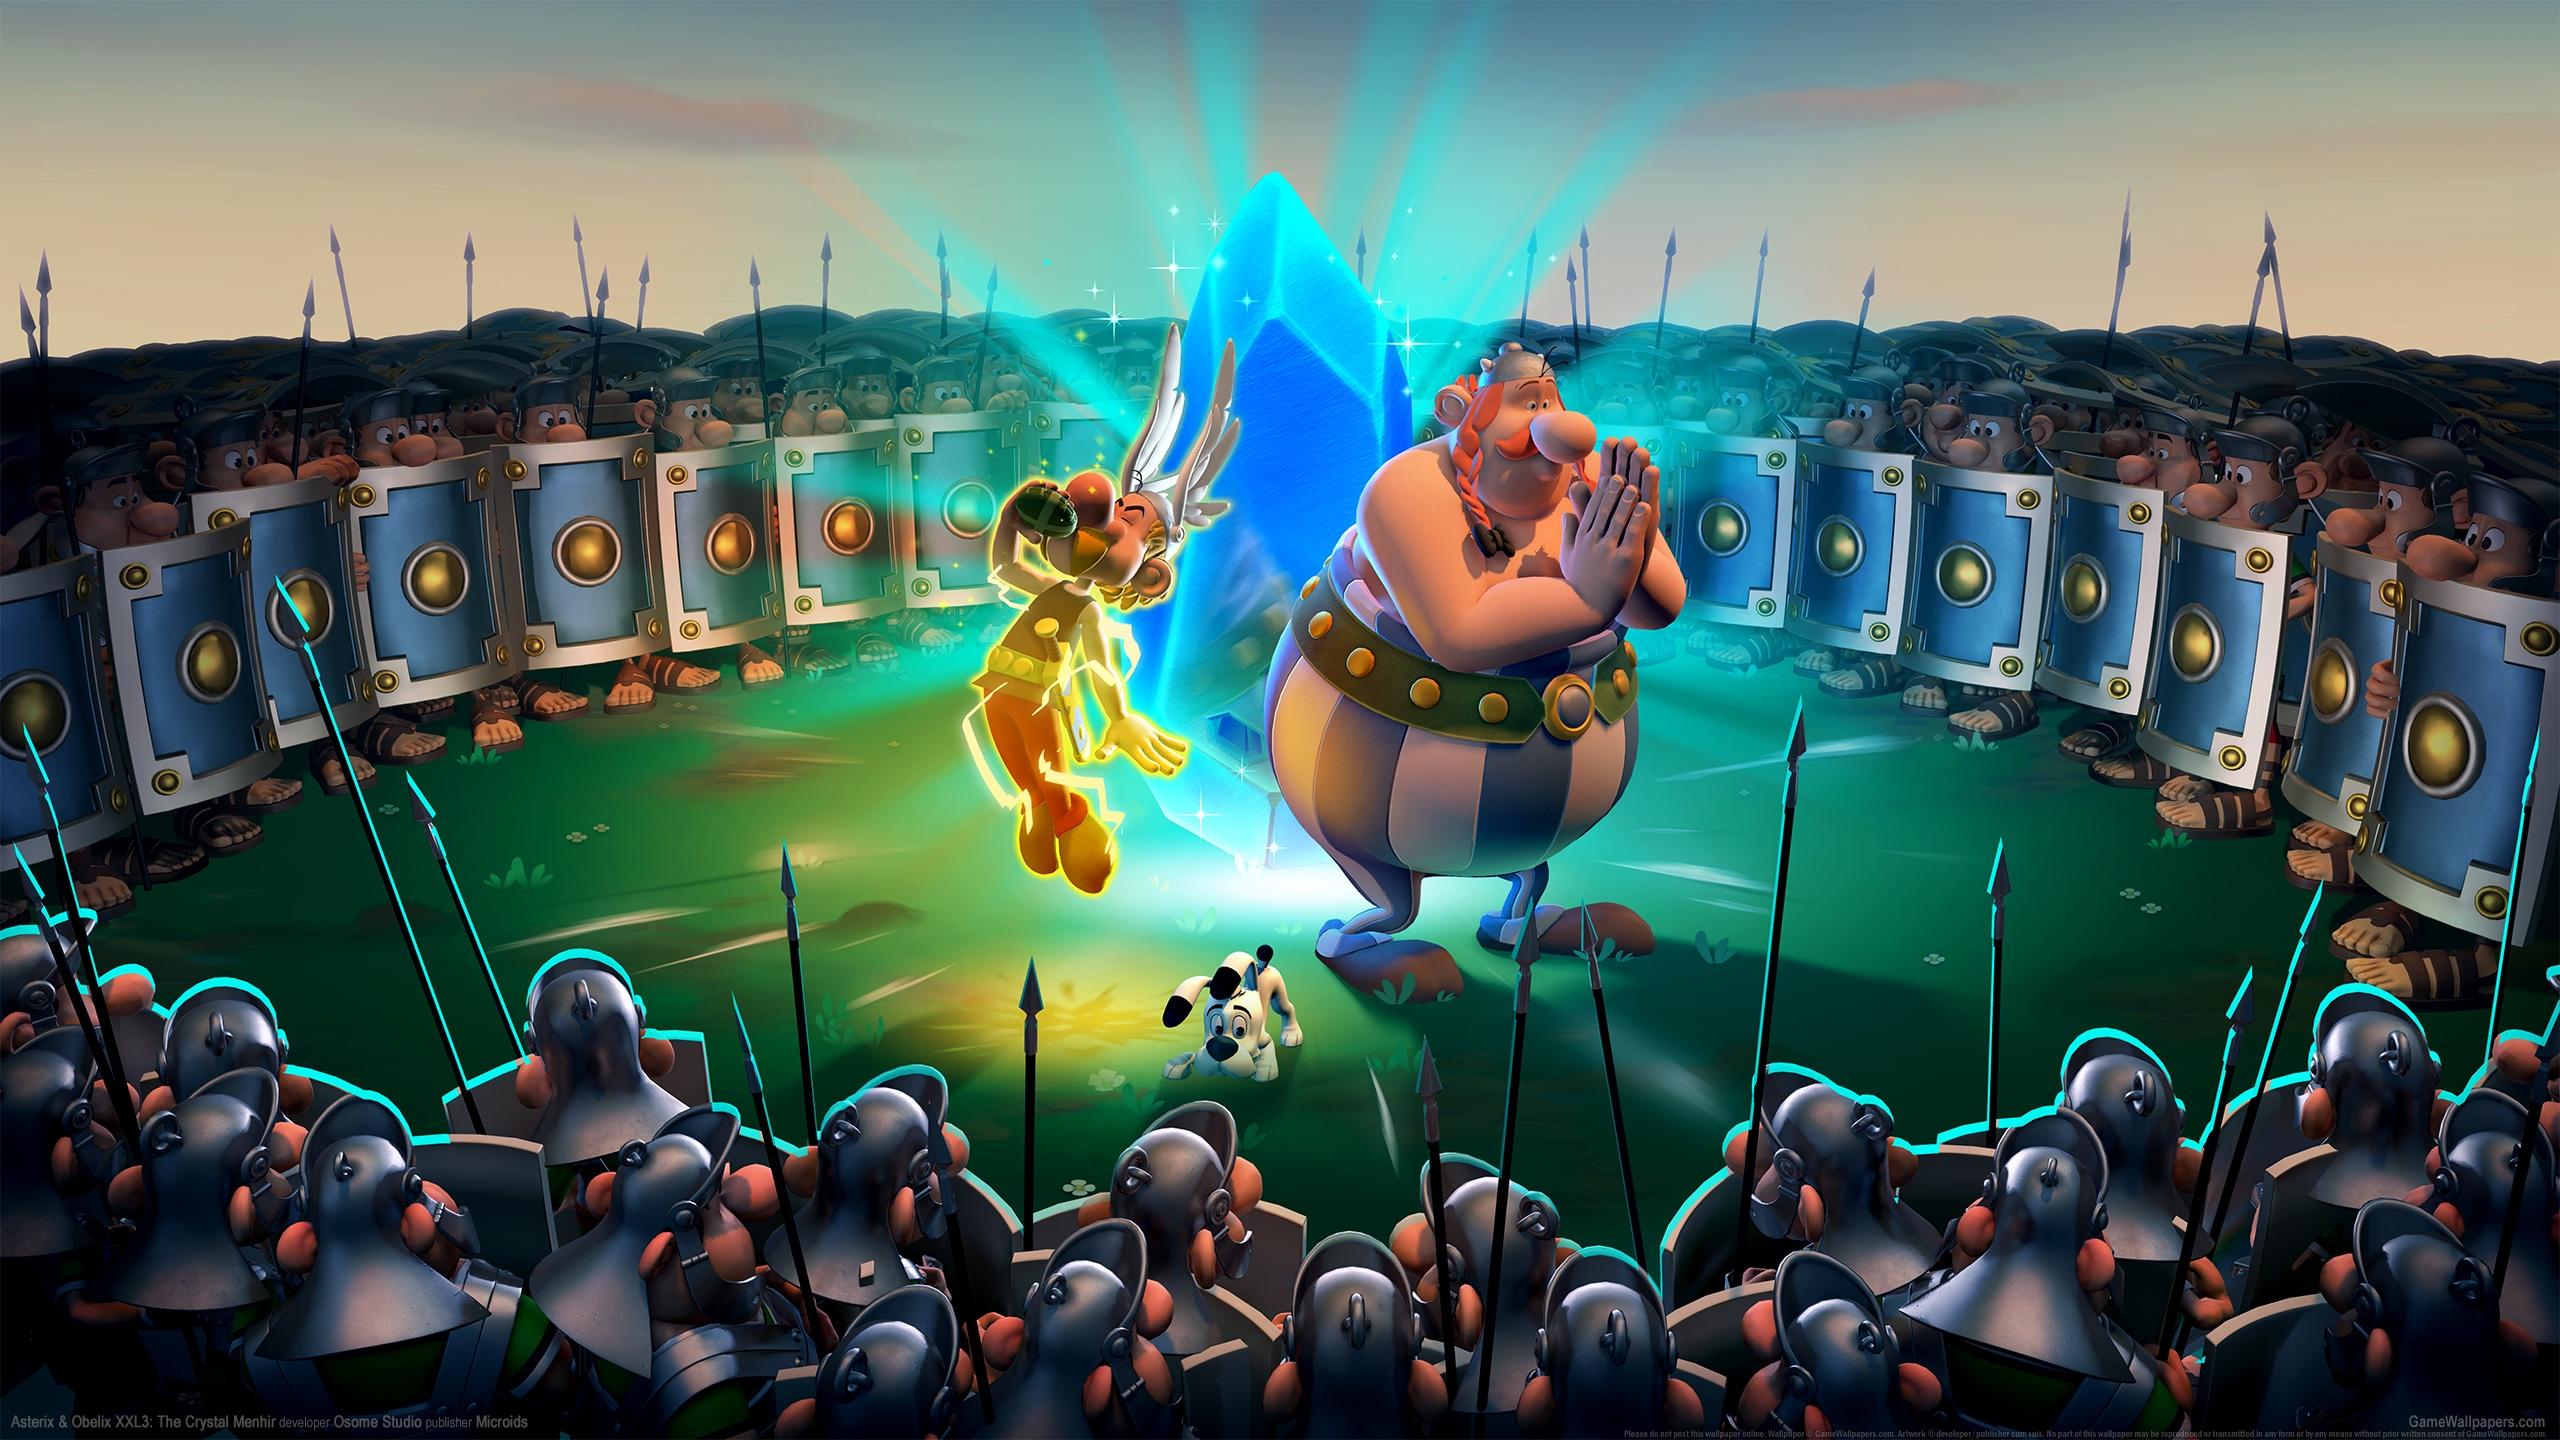 Asterix & Obelix XXL3: The Crystal Menhir 2560x1440 fond d'écran 01